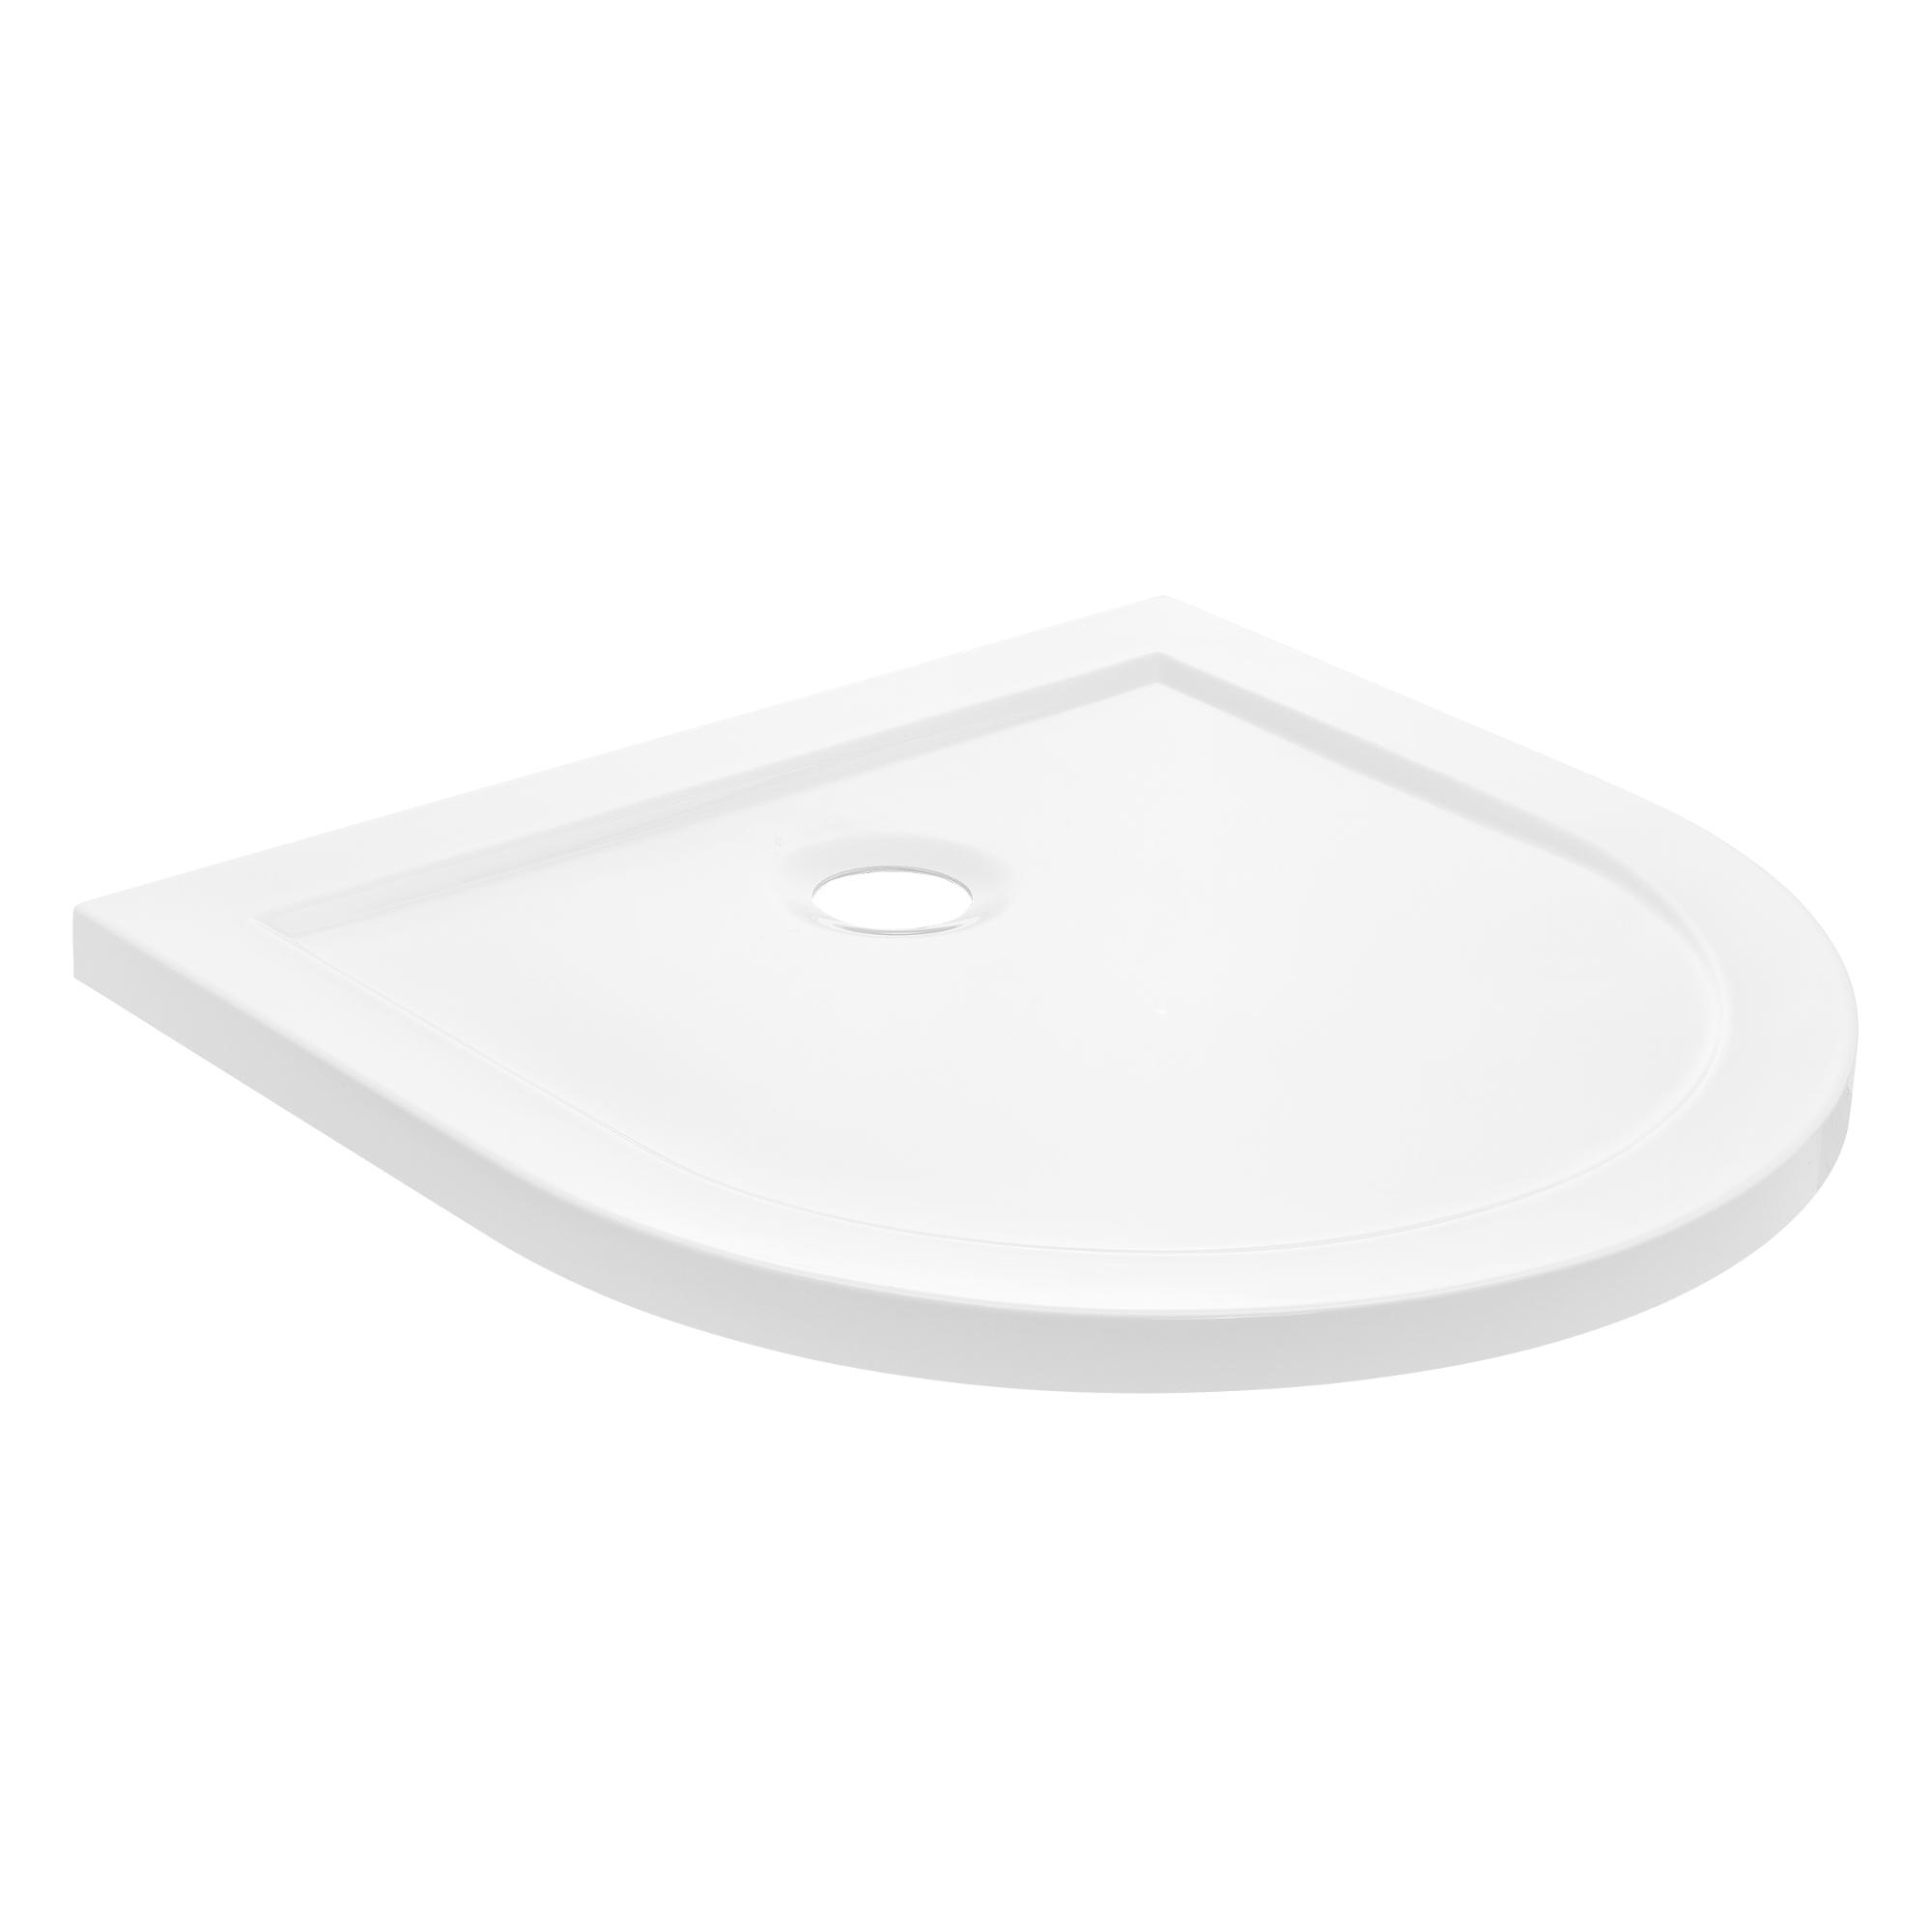 [neu.haus]® Sprchová vanička - půlkruhová 80x80x4cm